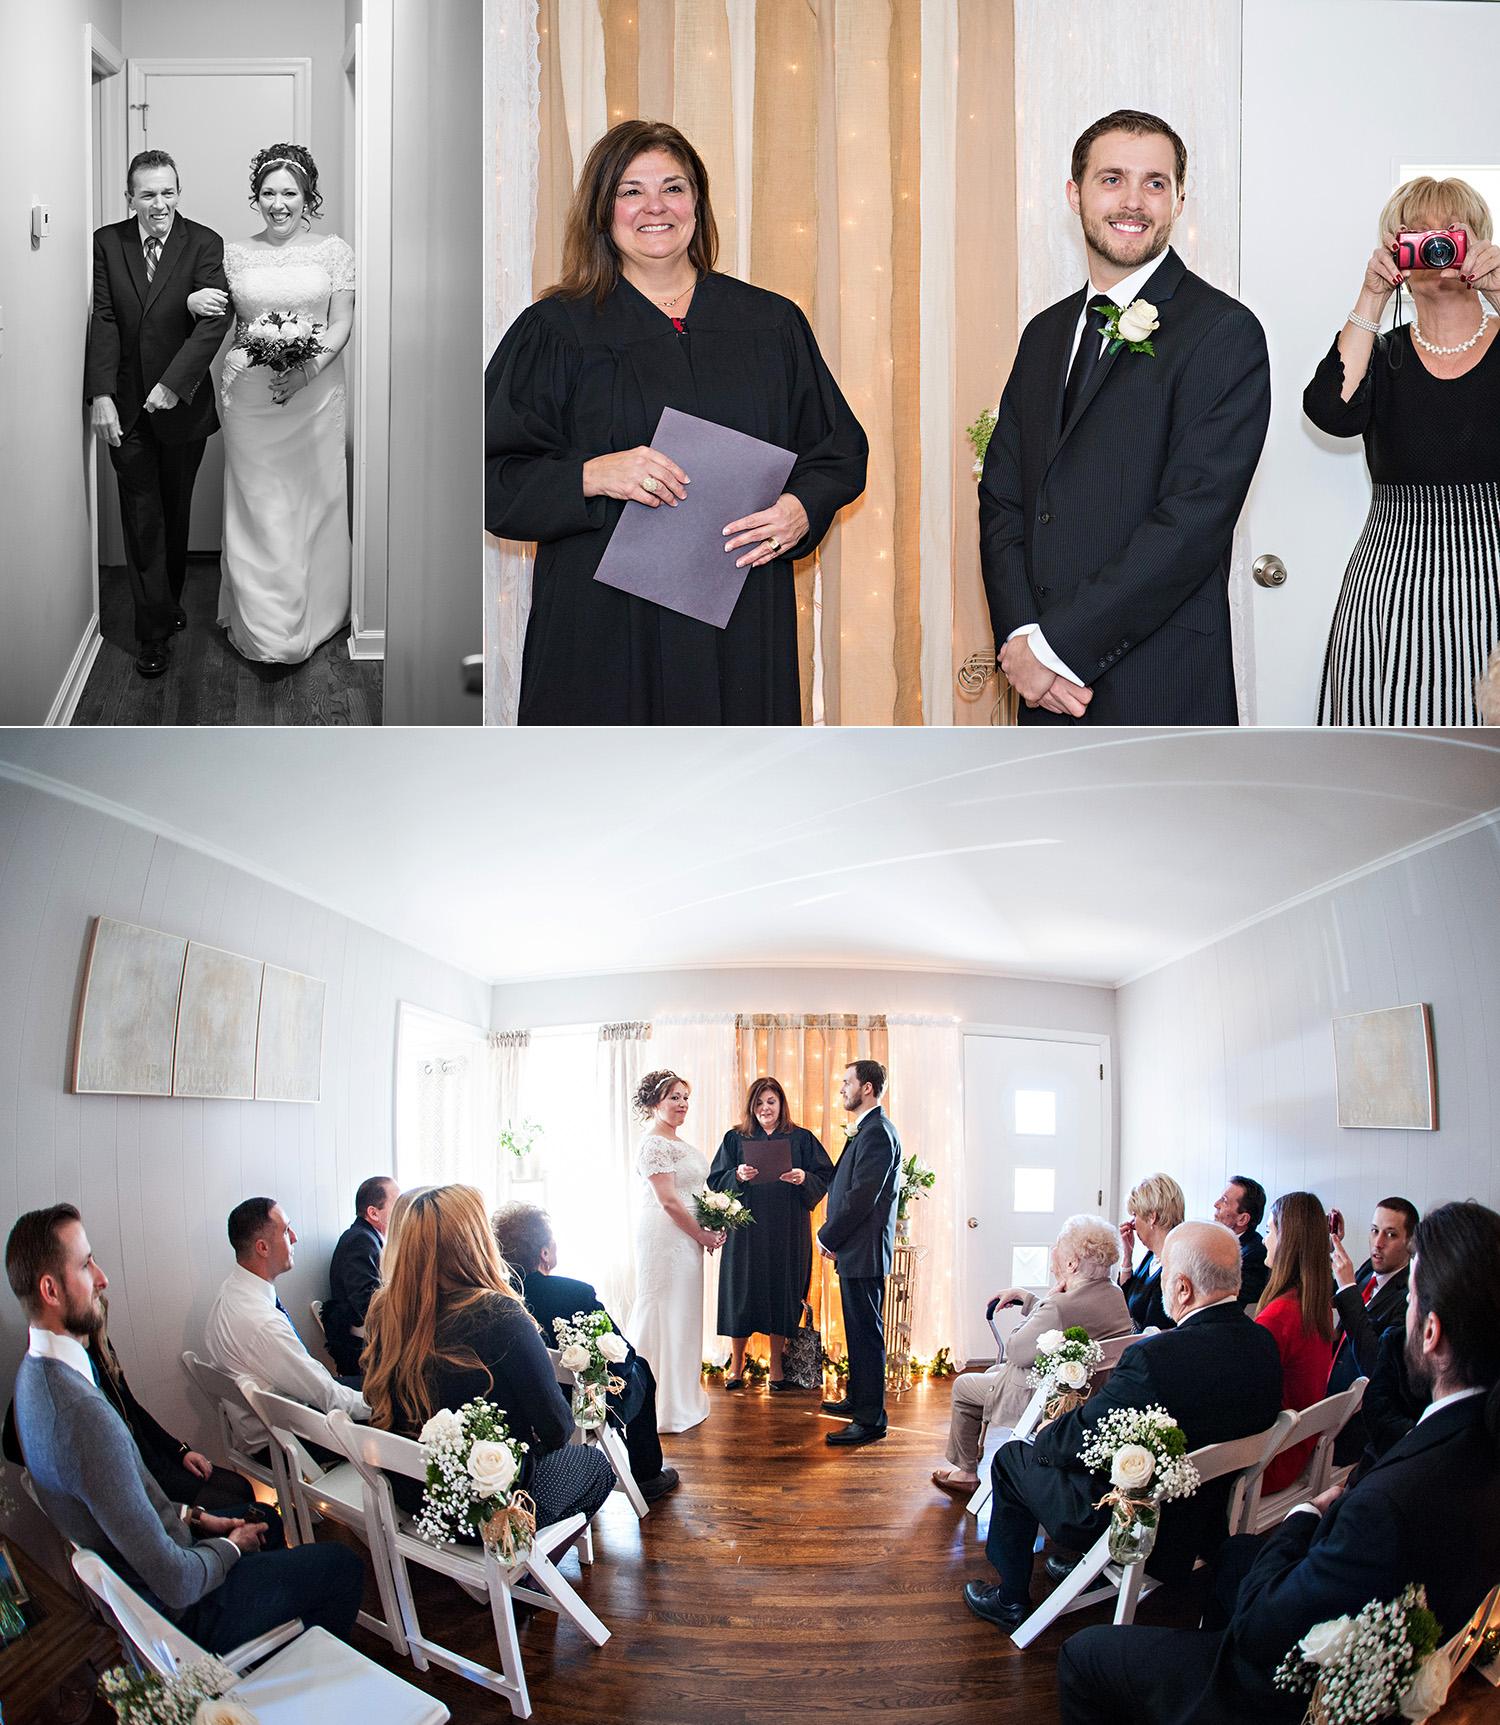 06_SRS_Photography_Sara_Stadtmiller_Asbury_Park_Wedding_Photography_NJ_Wedding_Photographer_Monmouth_County_Wedding_Photographer_Home_Wedding_DIY_Wedding